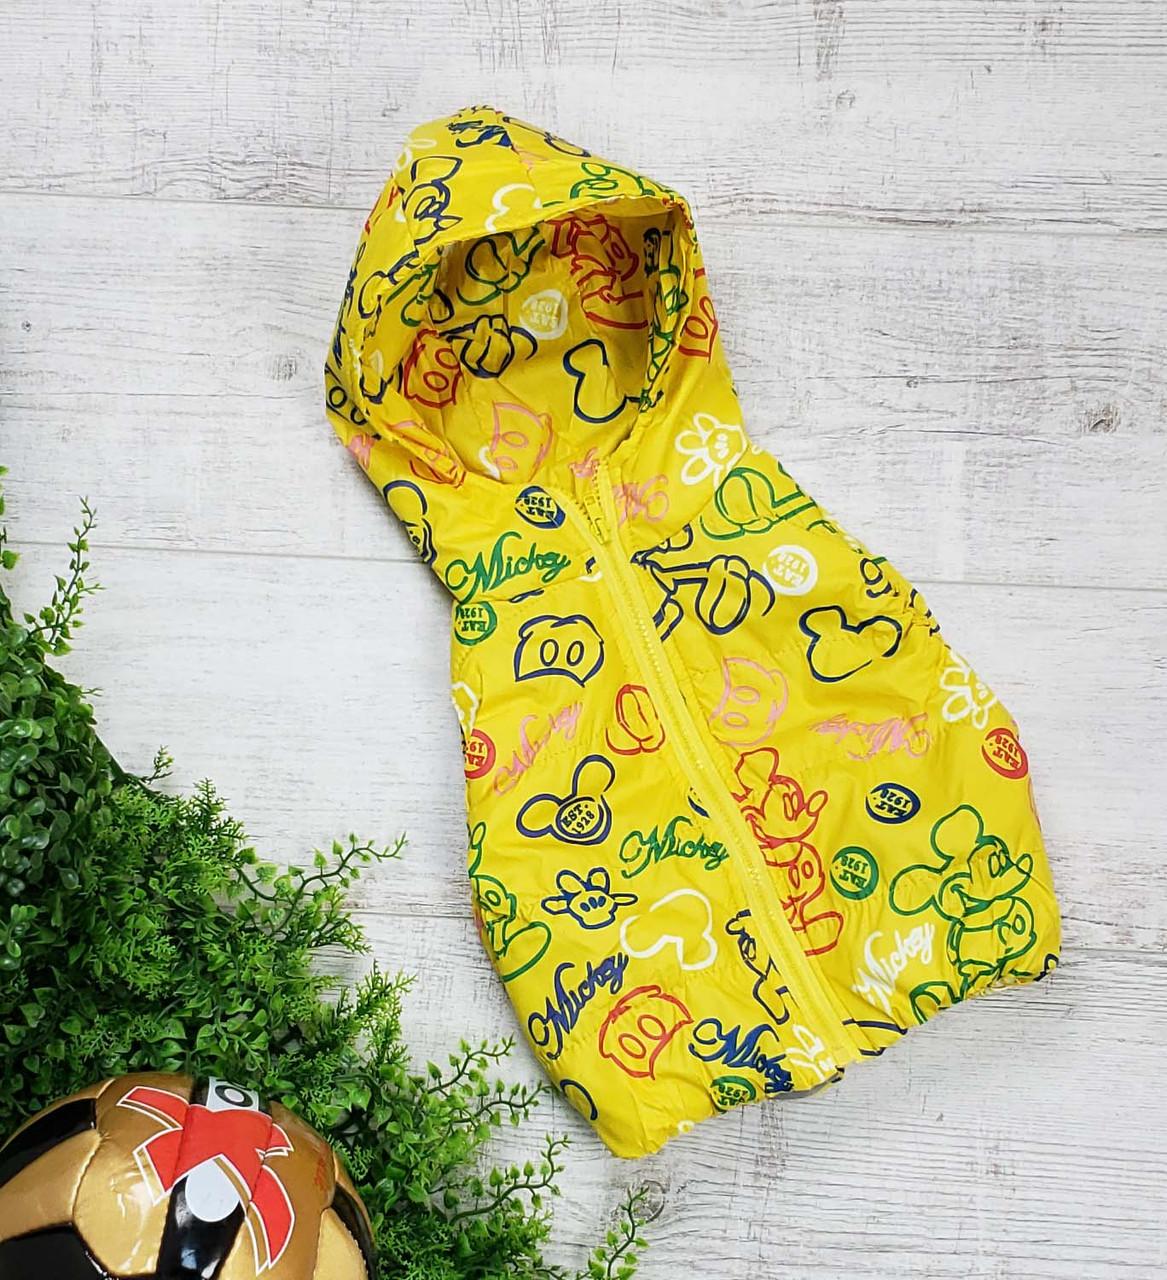 Жилетка код 102 для мальчика,размер 92-110 (2.5-5 лет), цвет - желтый микки, фото 1